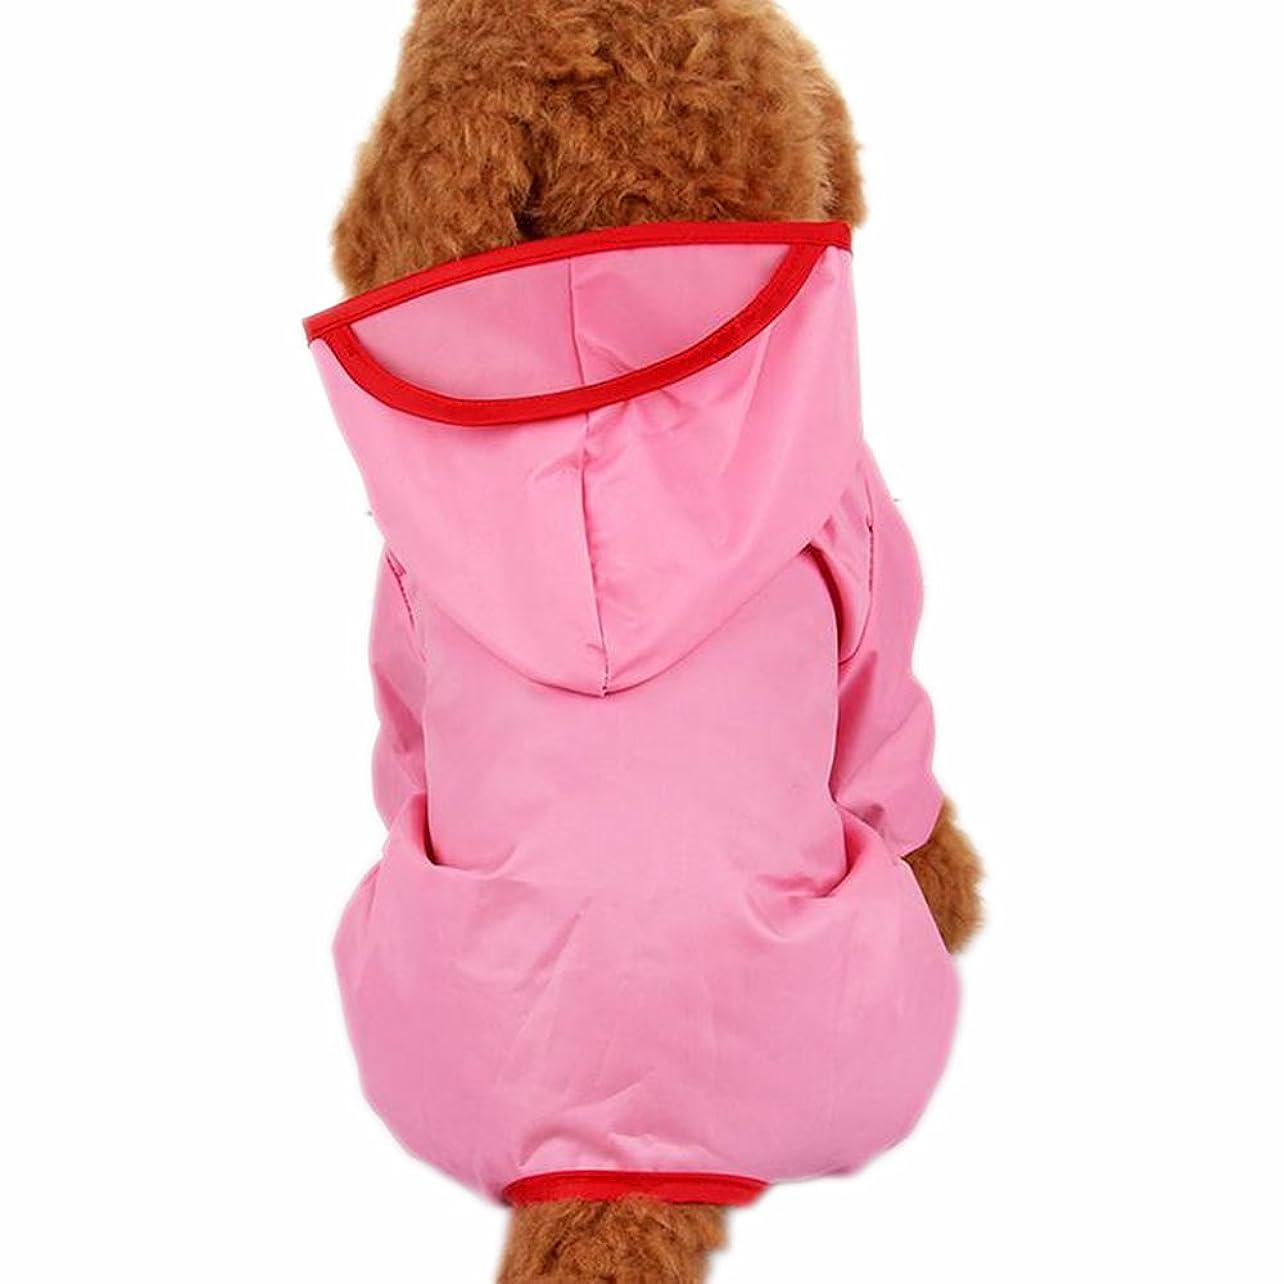 ブラジャー最後の日帰り旅行にE-Fly 犬用レイントート ペットレインコート カッパ 犬服 防雨 帽子付き ペット服 ペットウェア ペット用品 犬用雨具 (XS, ピンク)